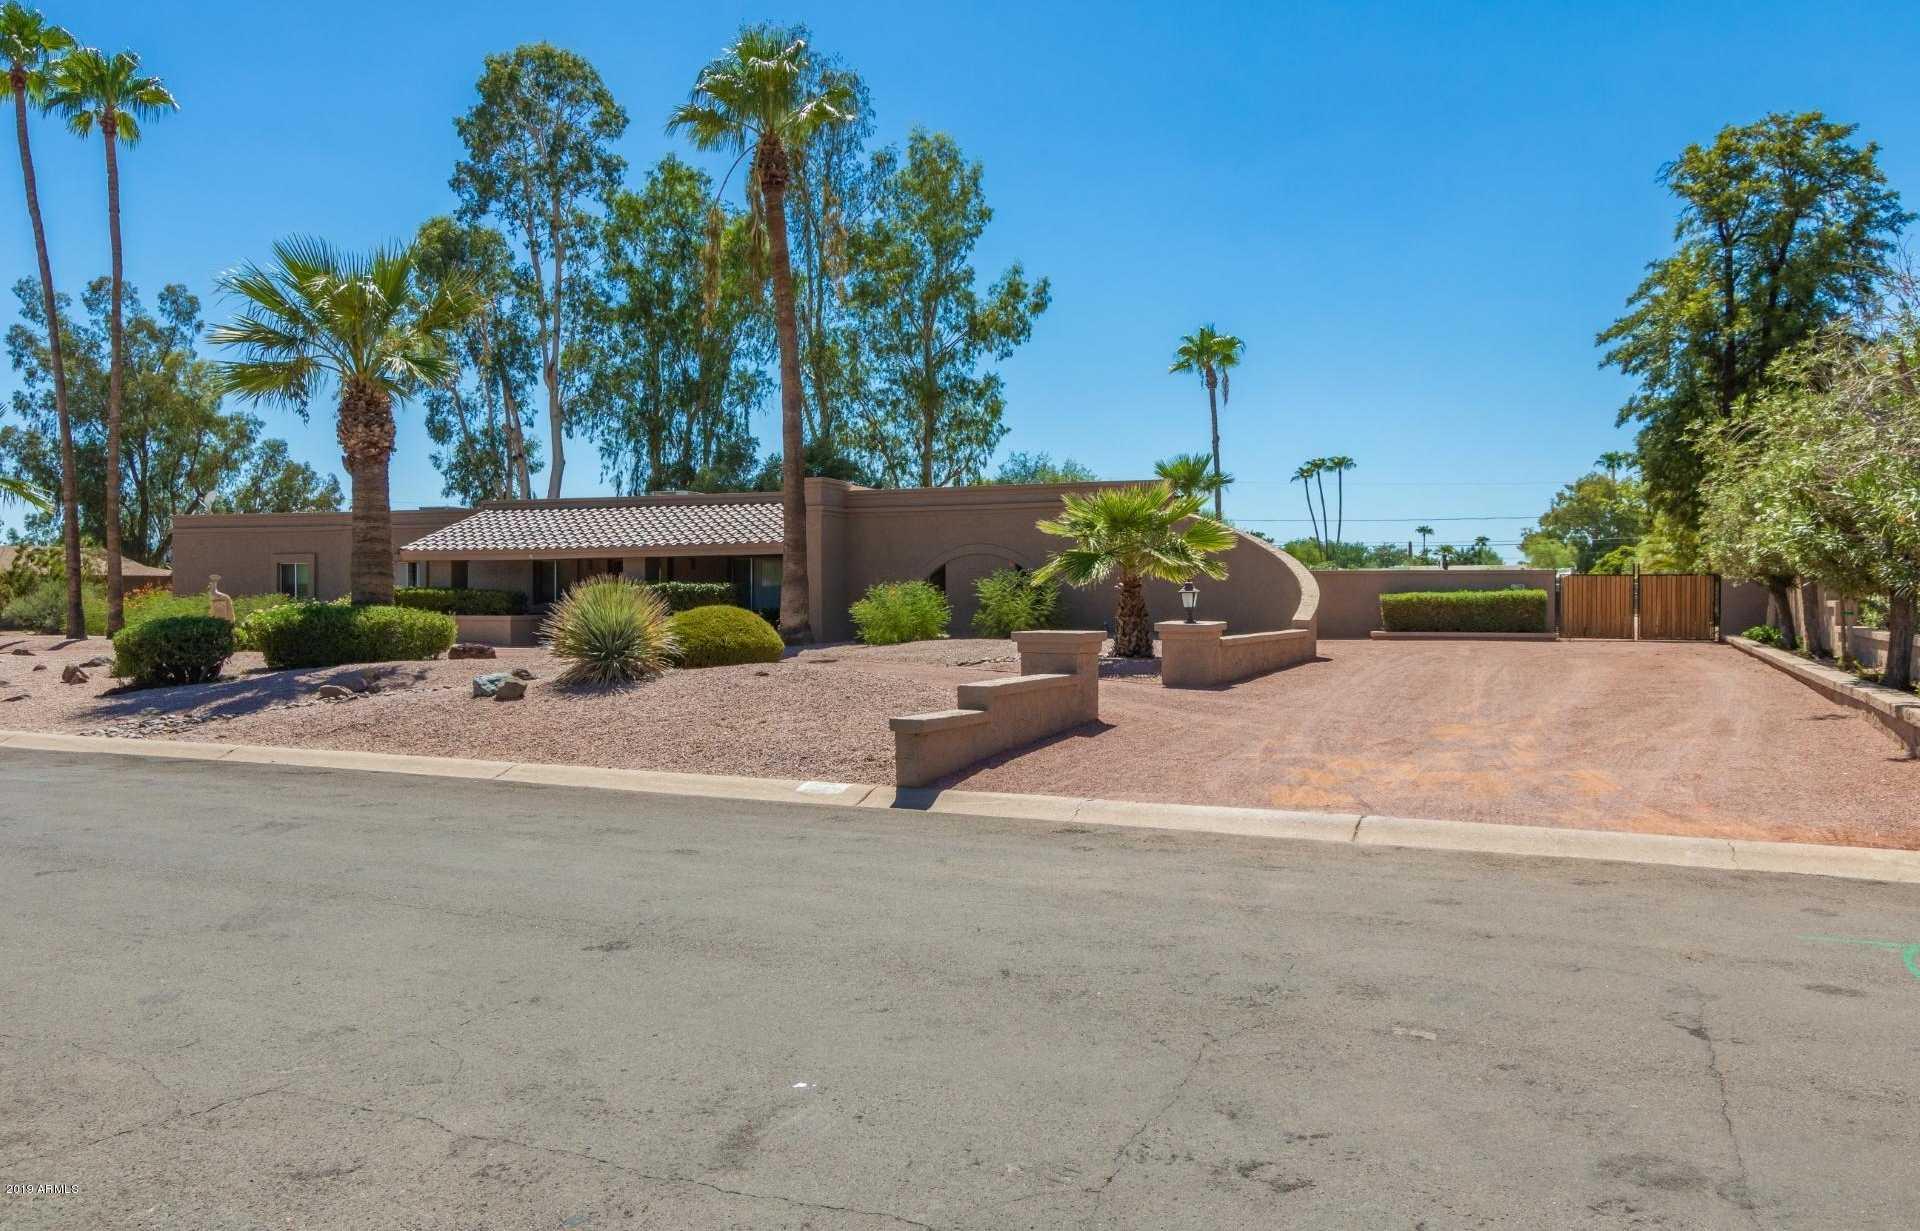 $850,000 - 5Br/3Ba - Home for Sale in Lor Villa Estates, Scottsdale